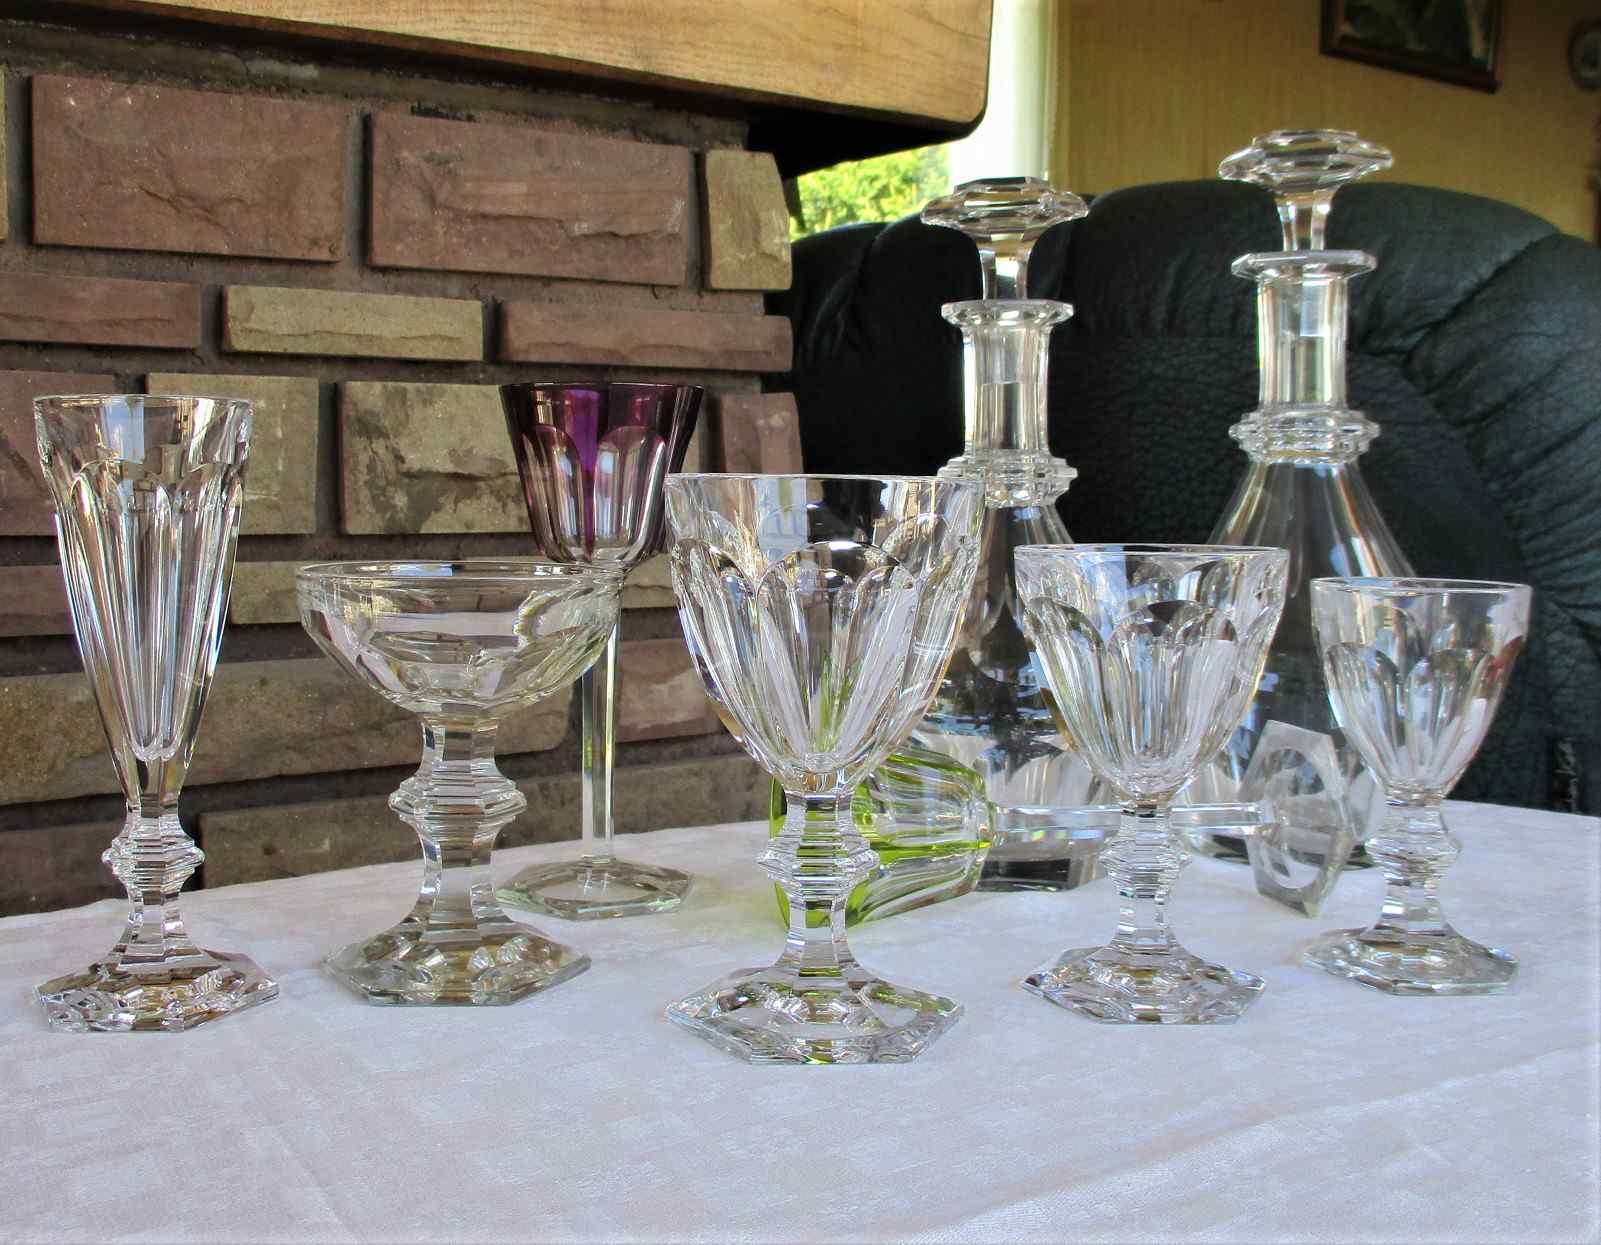 Service de verres Harcourt 1841. Cristal de Baccarat